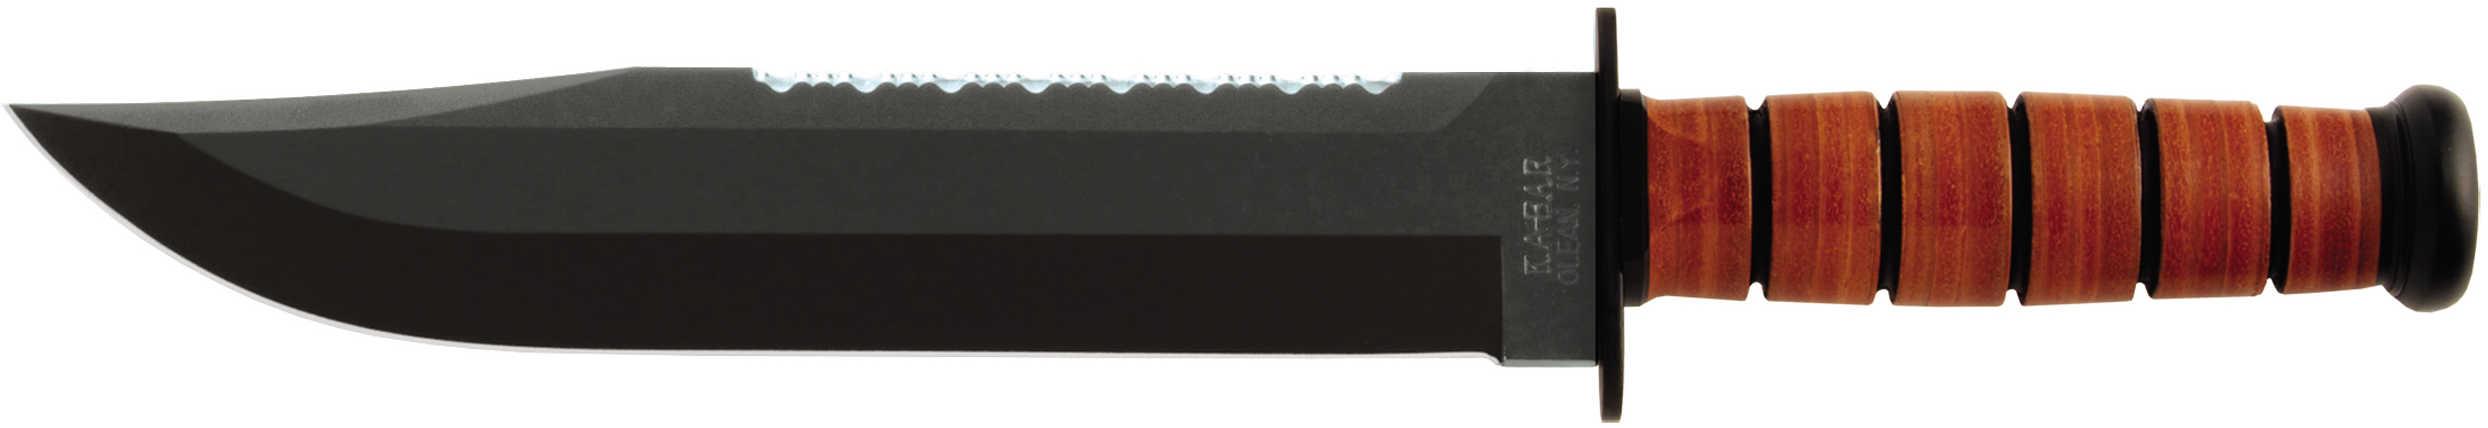 Ka-Bar Leather Handled Big Brother 2-2217-7